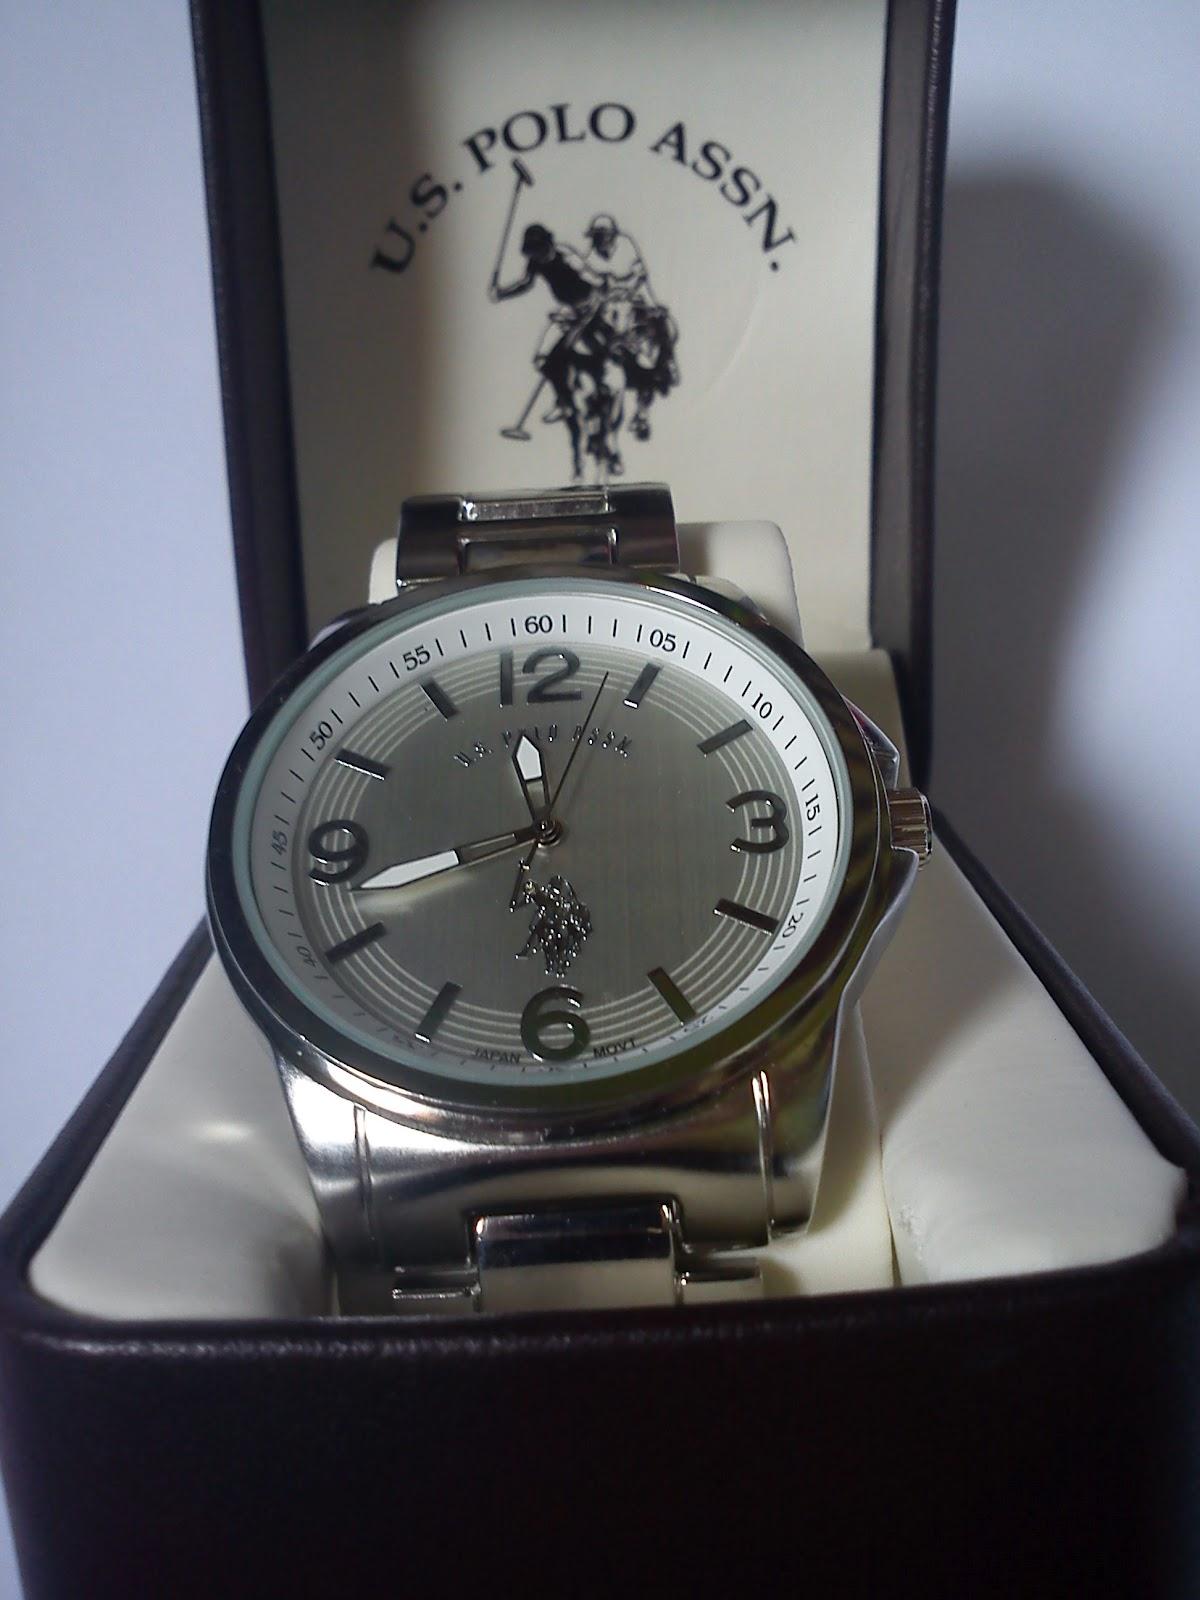 eccc65c61b9 Etos Importados  Relógio Polo Masculino Branco e Prata